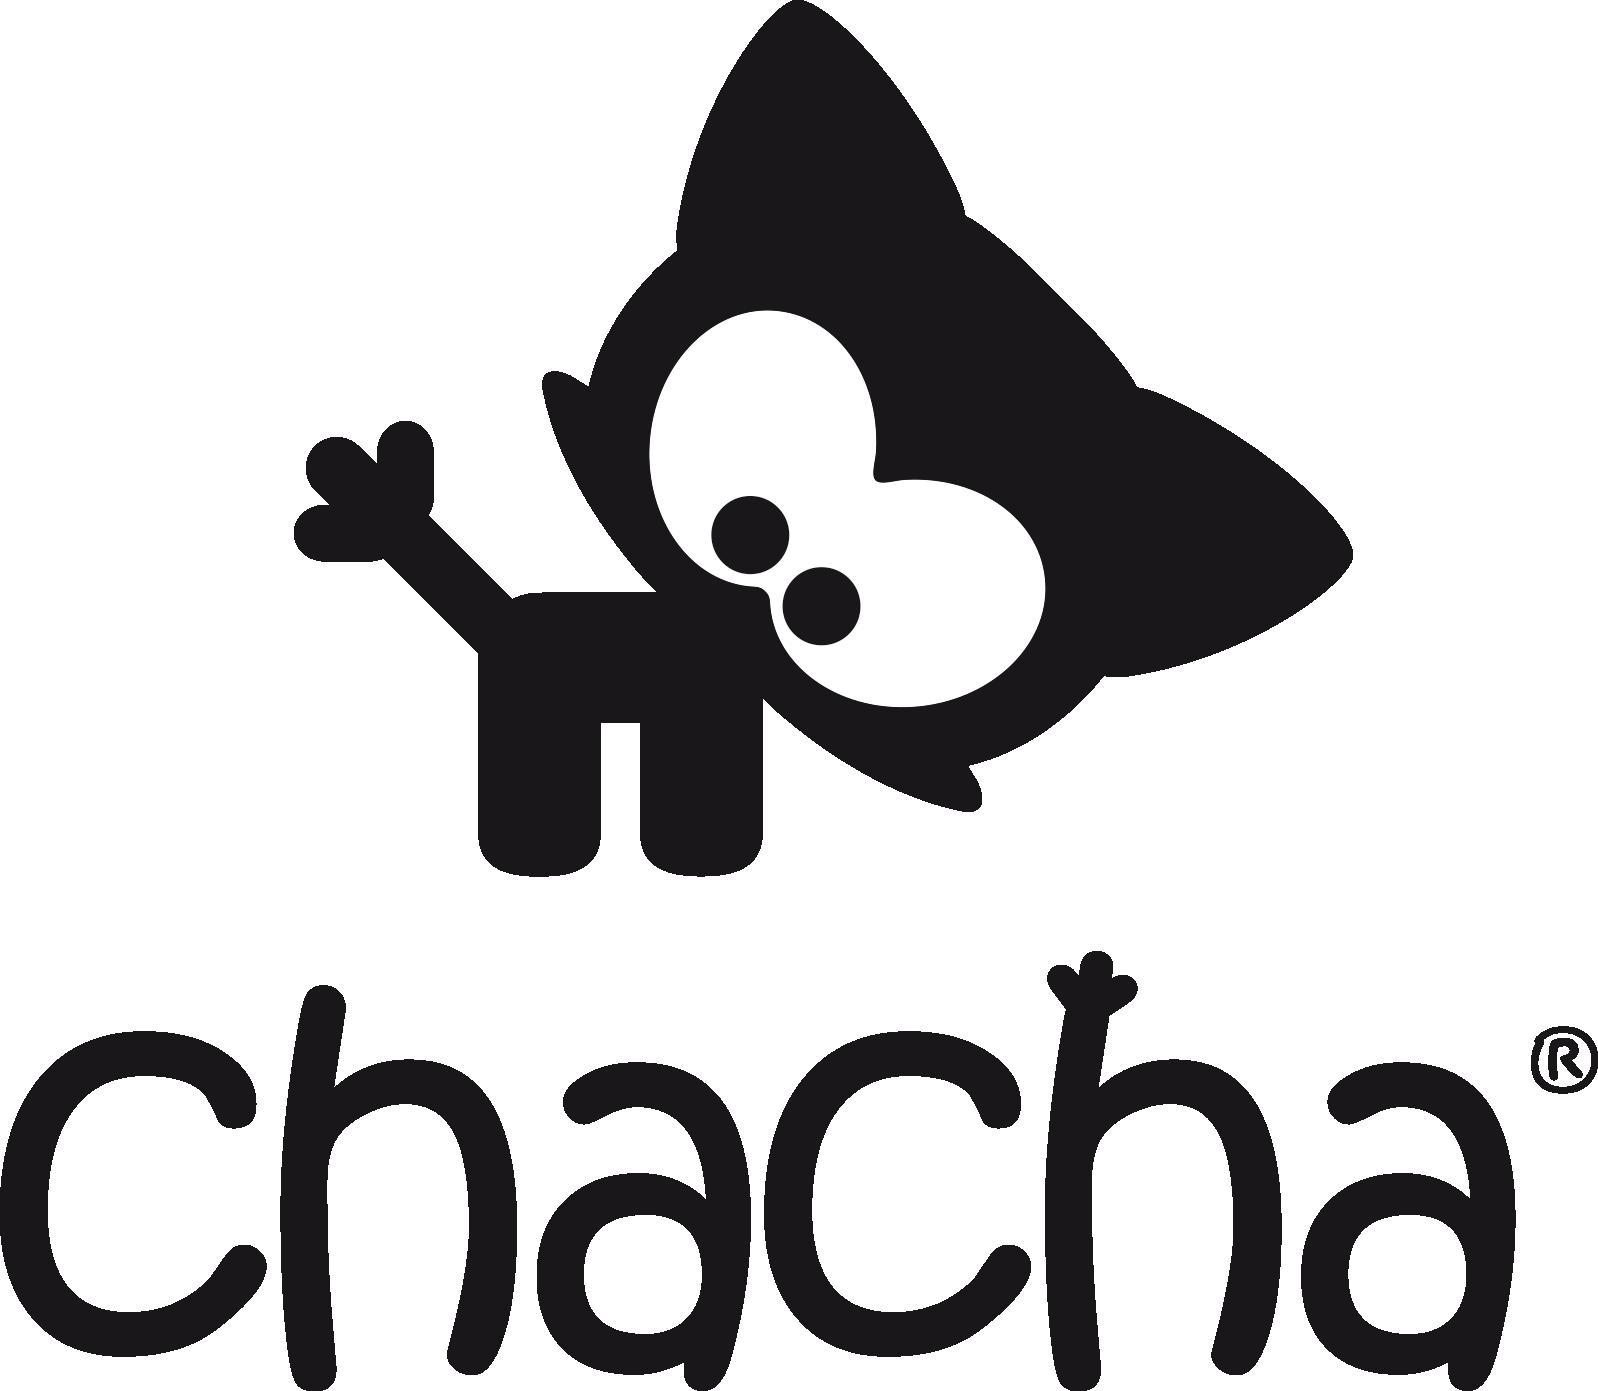 Vous ne connaissez pas encore Chacha ?